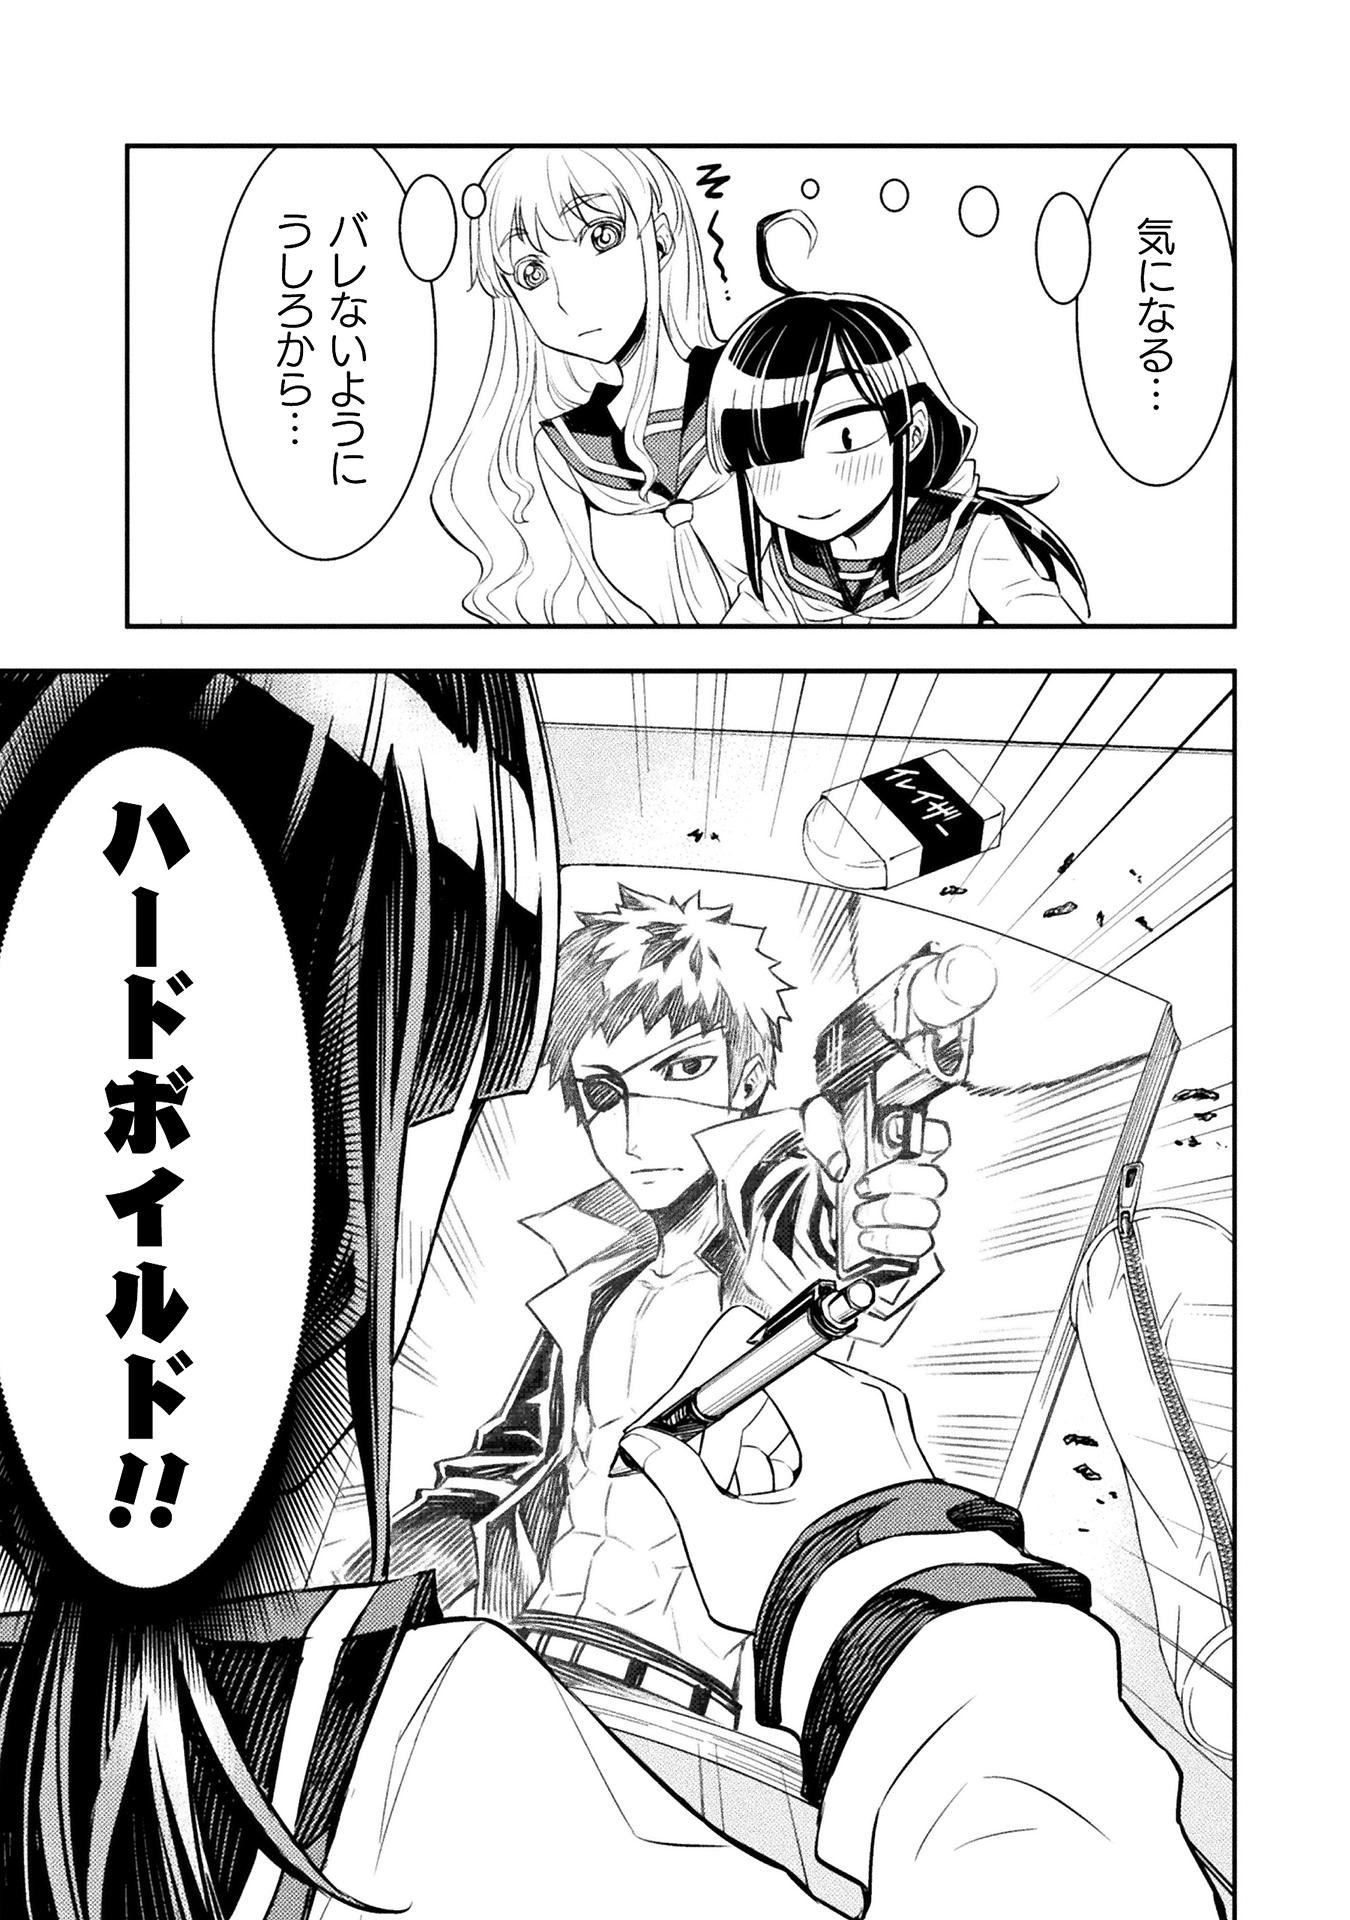 漫画「田所さん」が「アニメ化してほしいマンガランキング」にノミネート